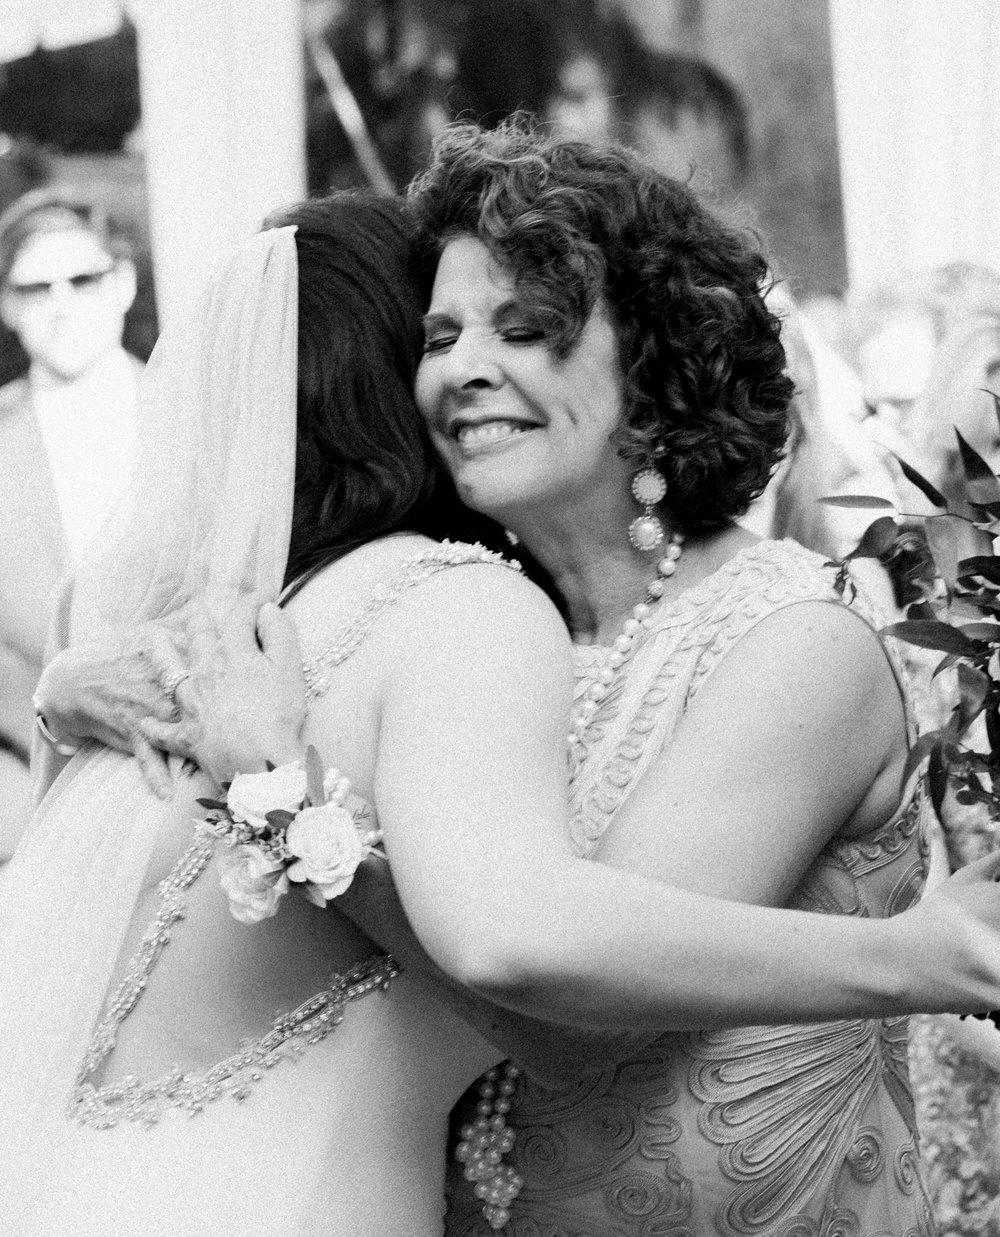 Bonphotage Chicago Fine Art Wedding Photography - Chicago Illuminating Company